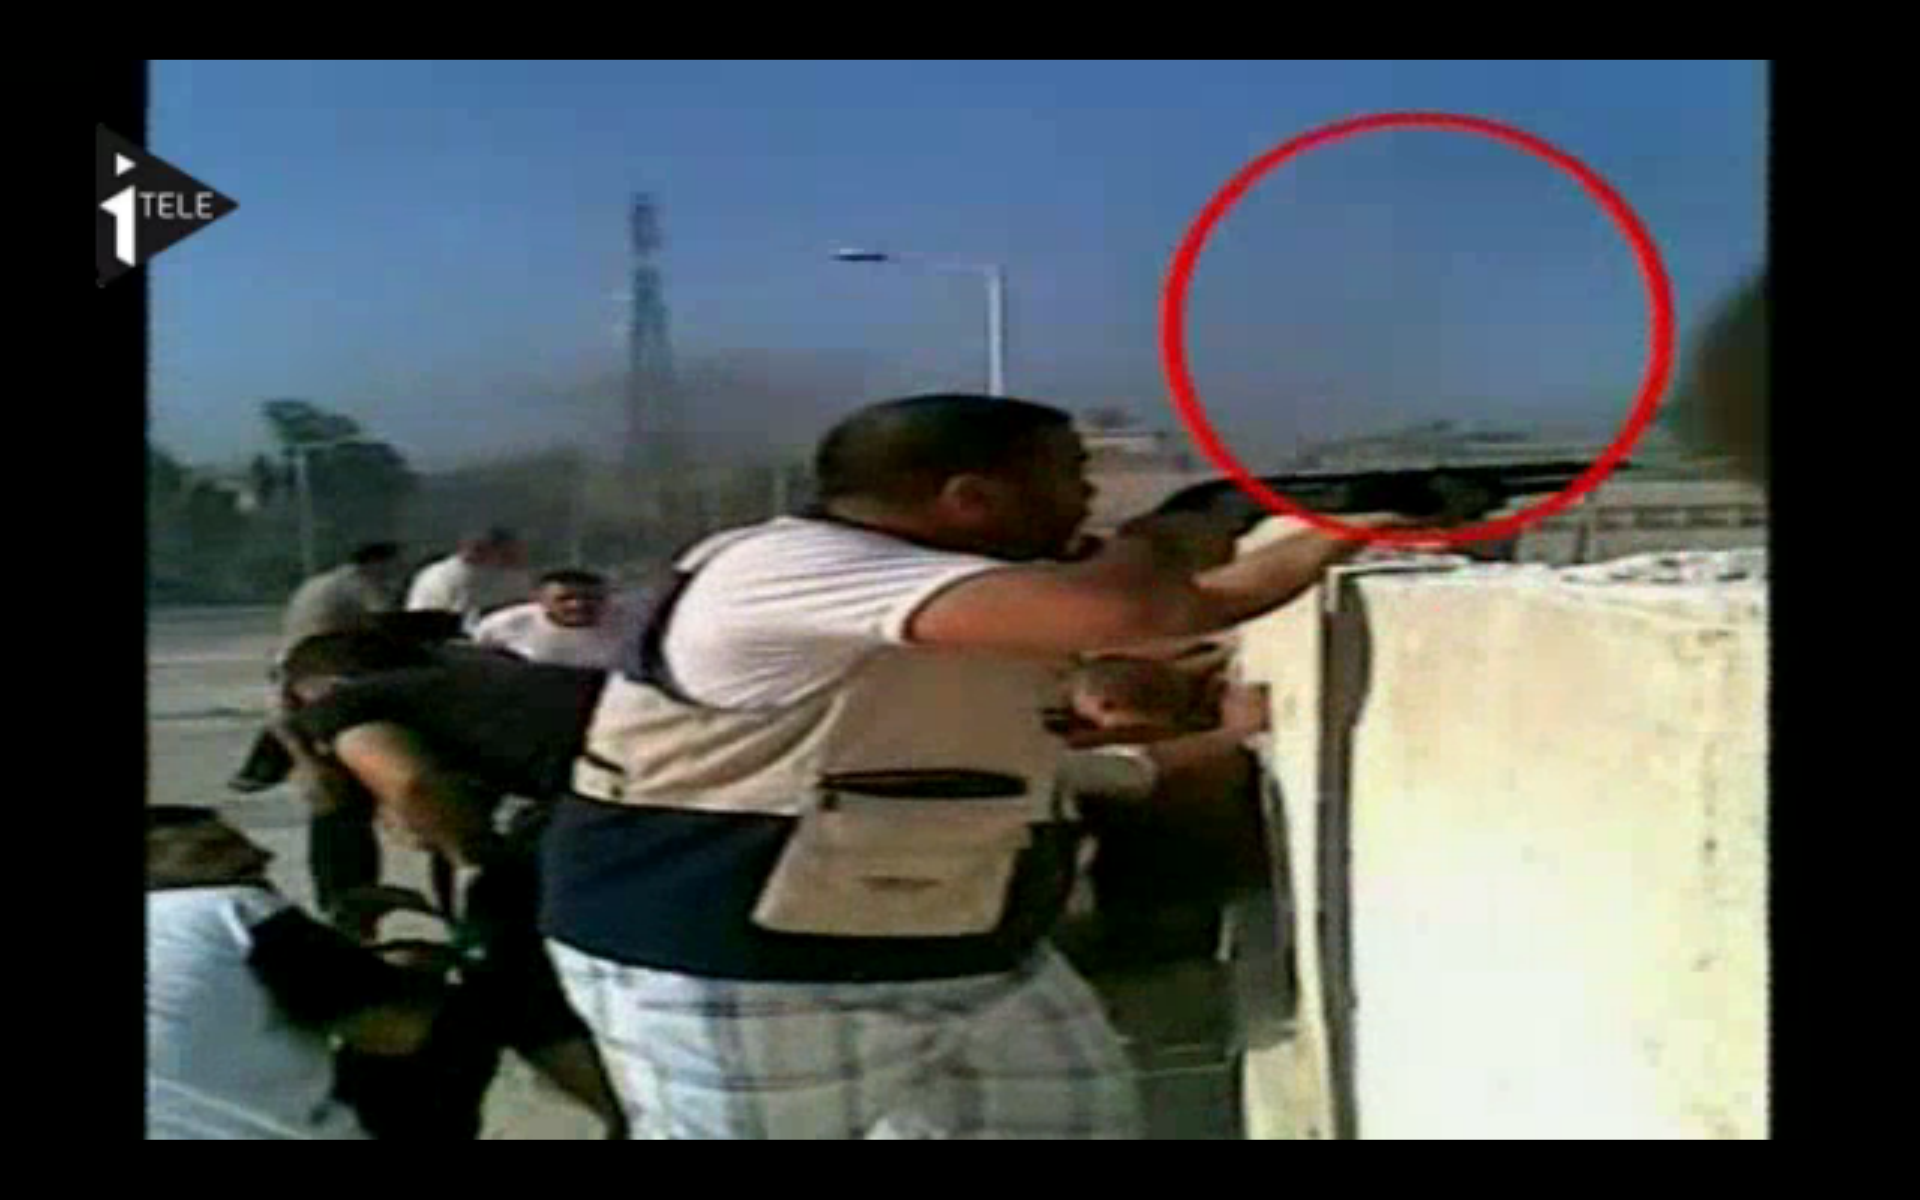 Un opposant pacifiste armé est caché sur cette capture d'écran : ami lecteur et/ou journaliste français, sauras-tu le retrouver ?